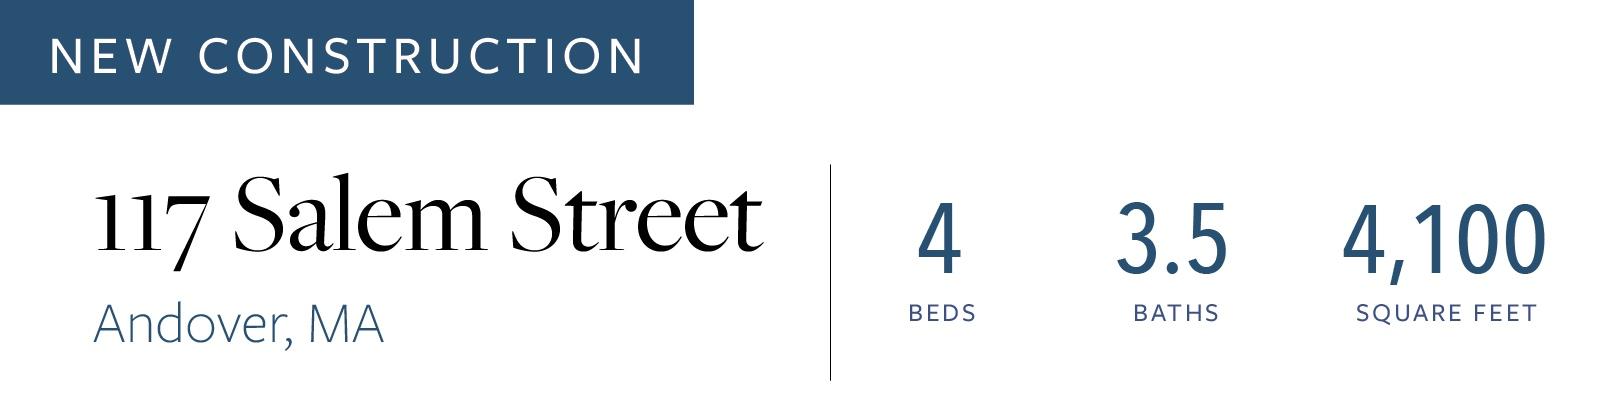 117 Salem Street 2Artboard 1@2x.png